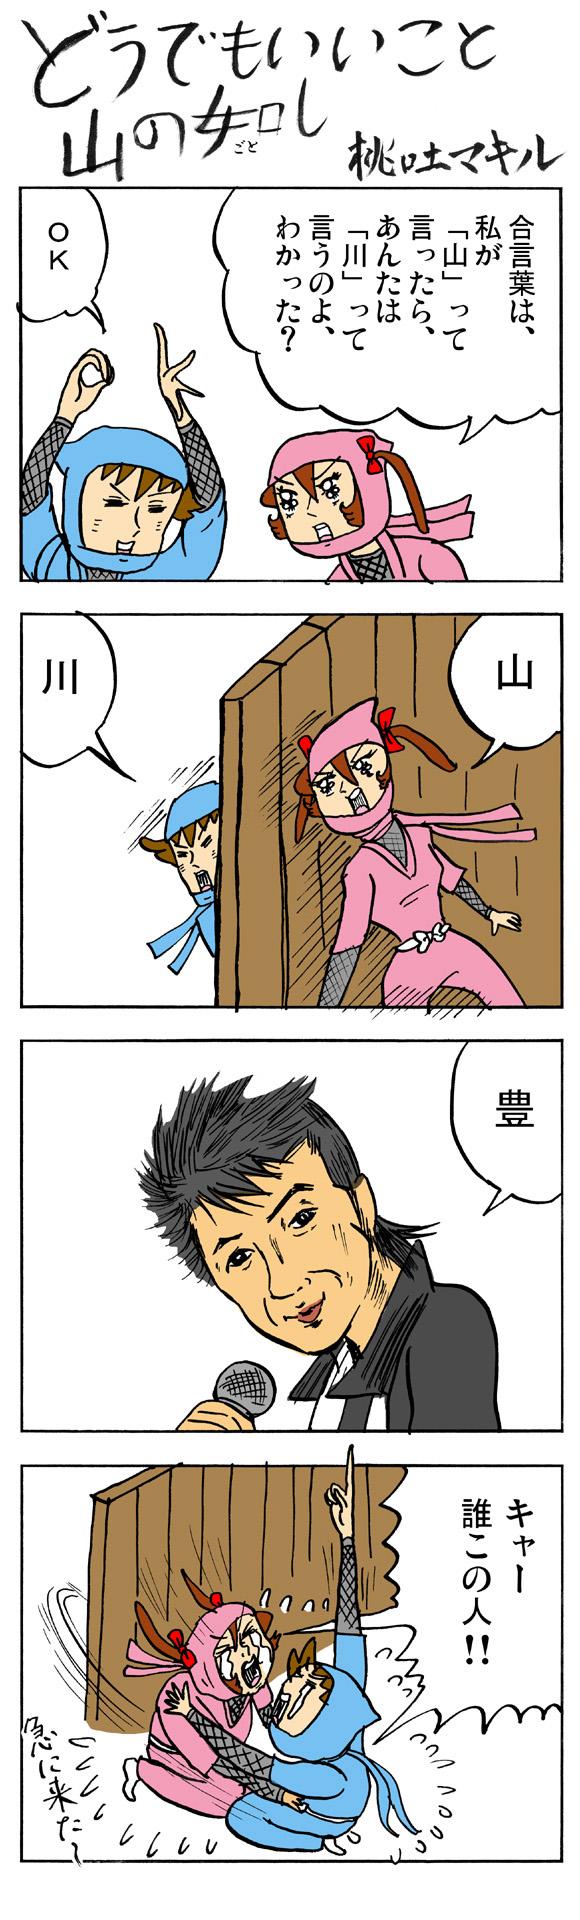 【まんが】どうでもいいこと山の如し「第40話:忍者の如し」 by 桃吐マキル